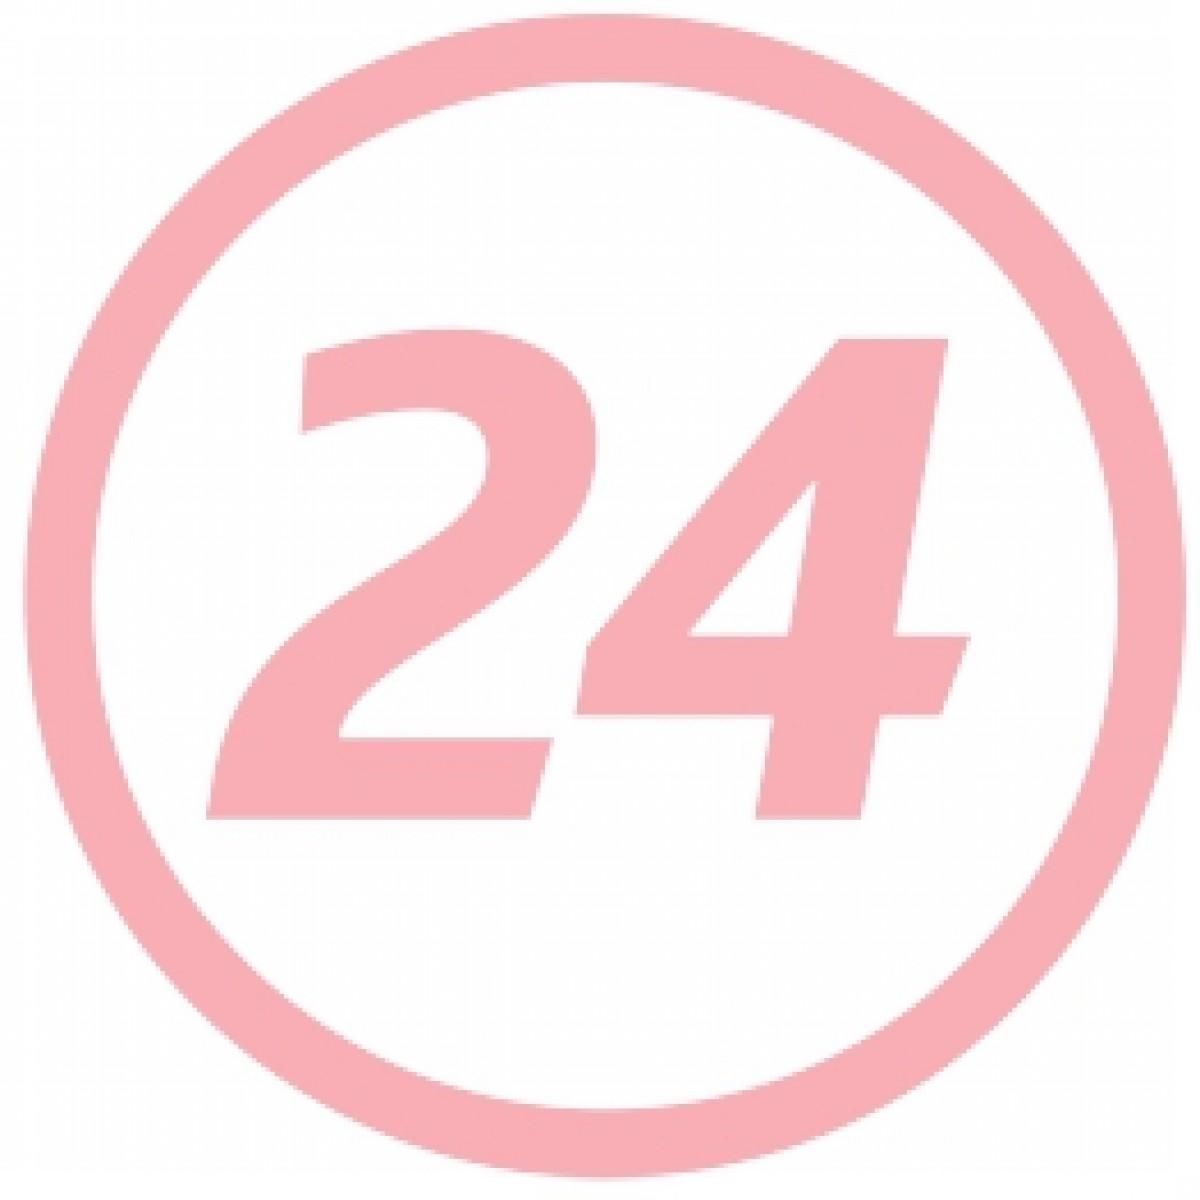 NUK Suzeta Din Silicon Happy Days Asortate, Marimea 3 (peste 18 Luni), Suzeta, 1 buc